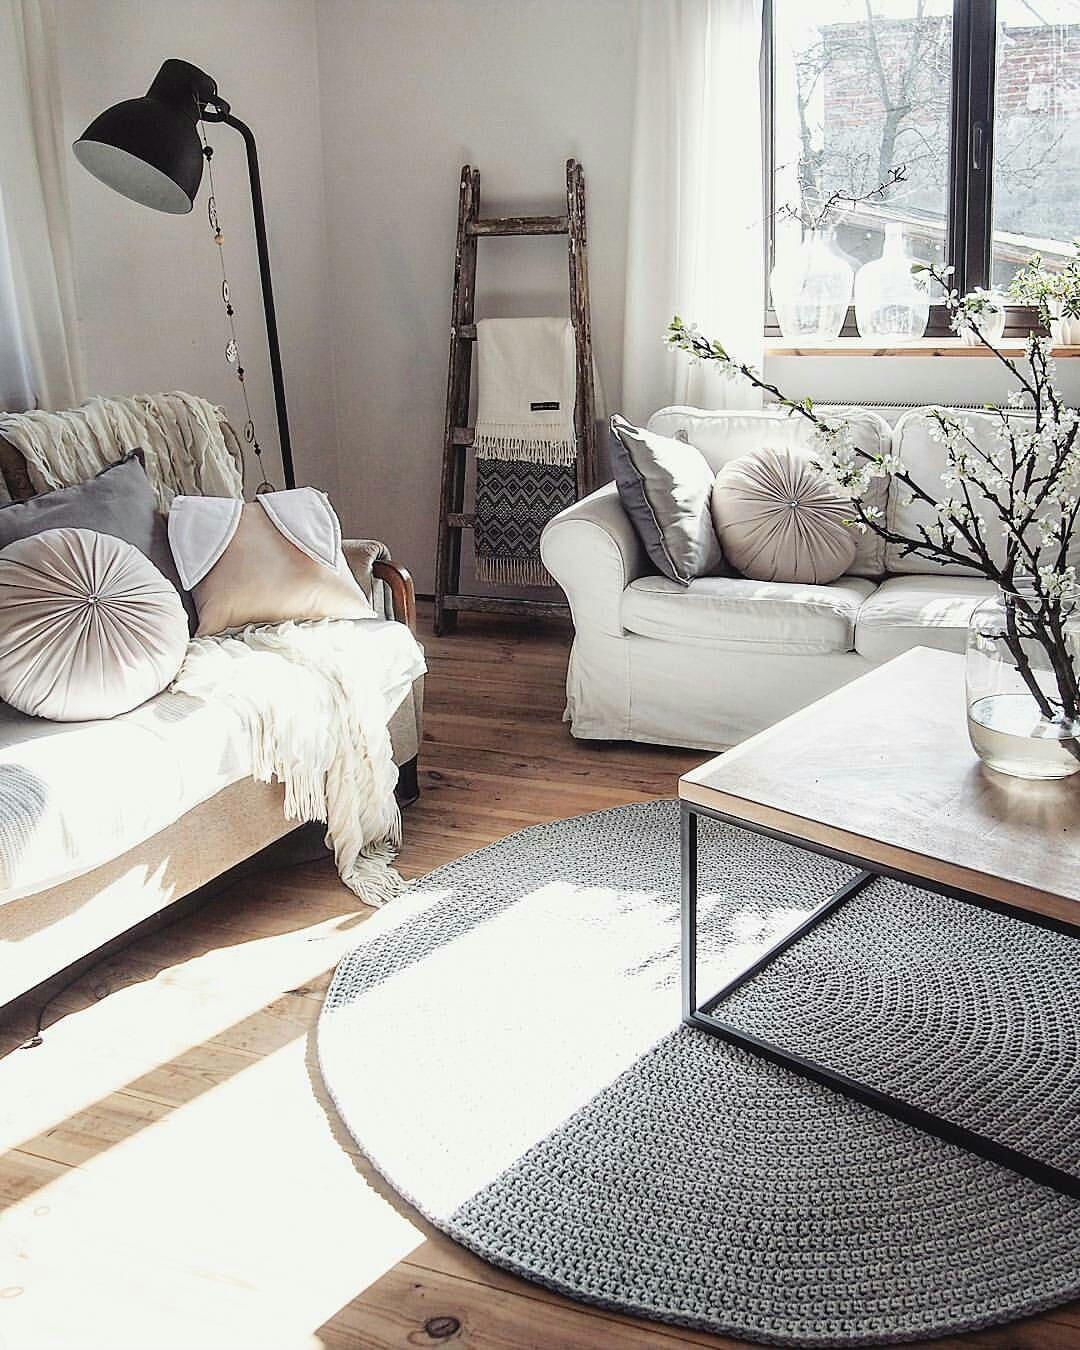 gestrickte teppich runder teppich teppich h keln h keln teppich h keln in 2019. Black Bedroom Furniture Sets. Home Design Ideas